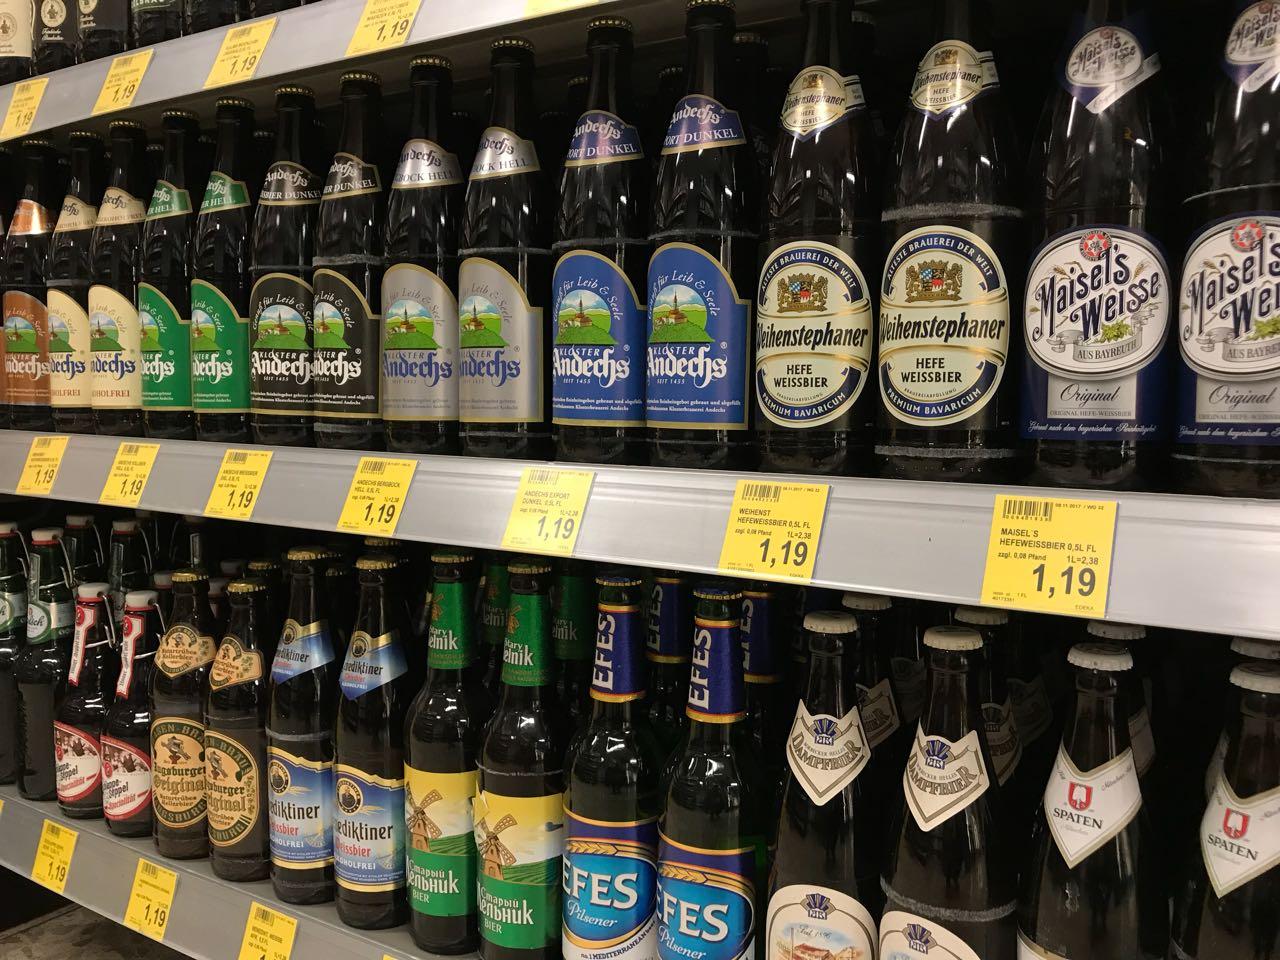 Internationale Biere aus der ganzen Welt